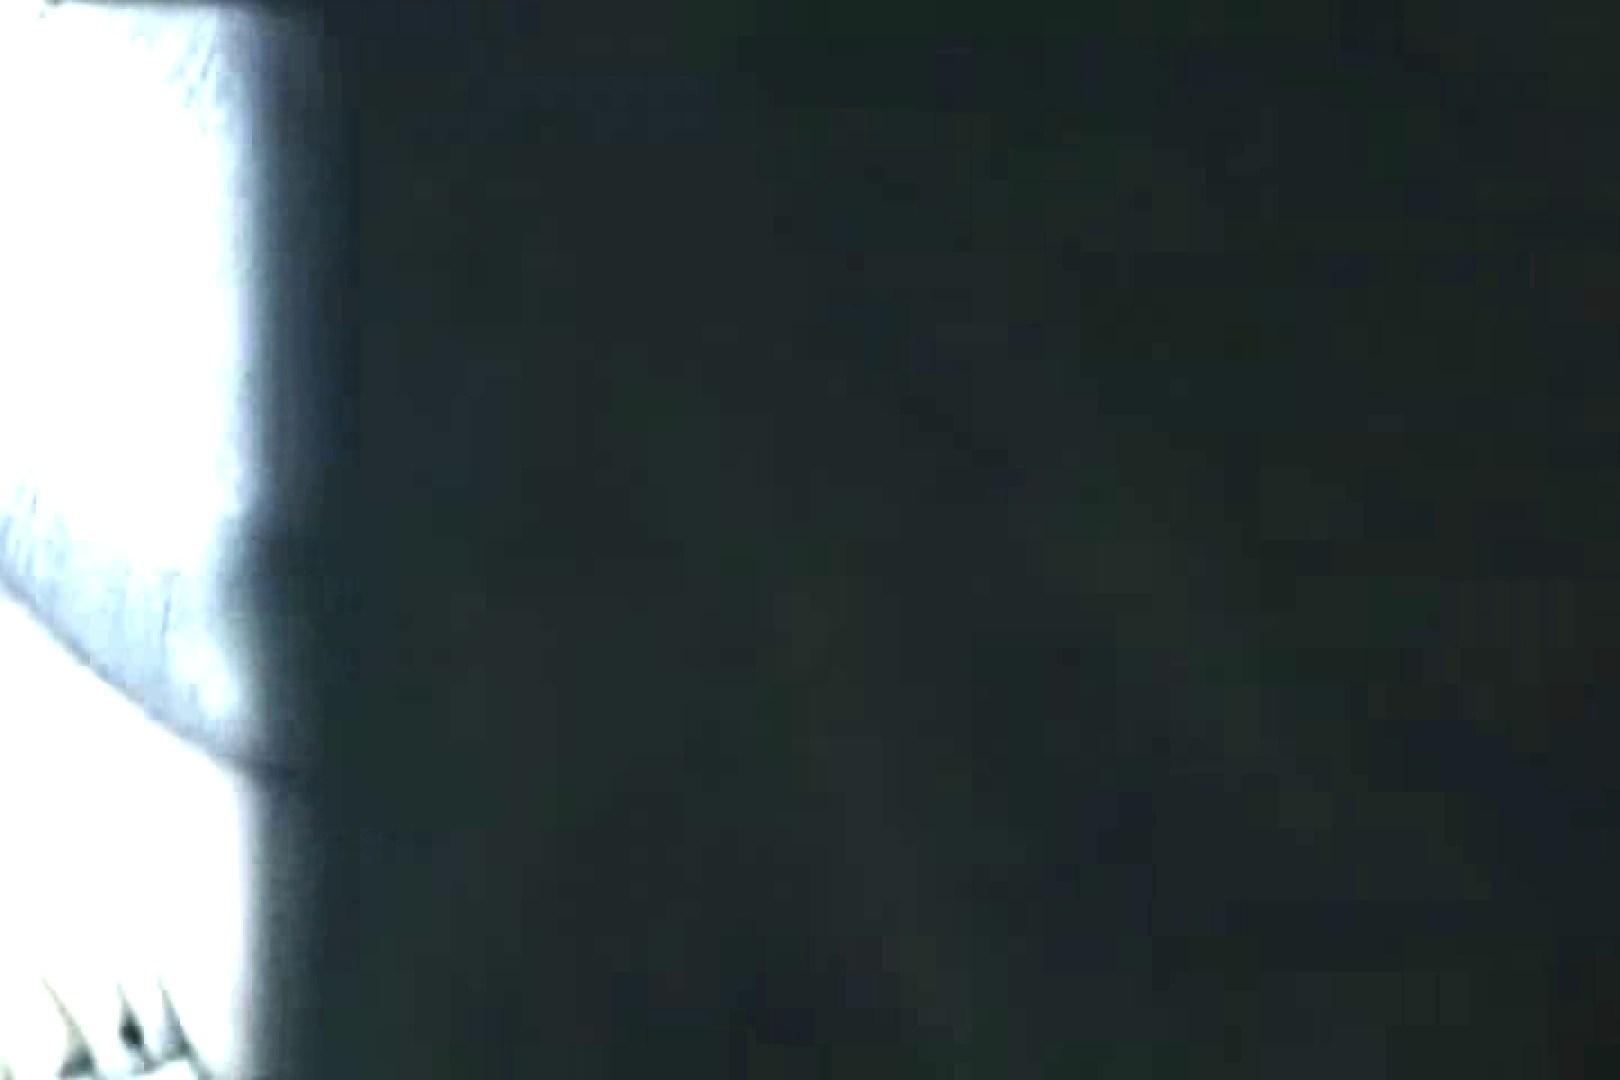 ぼっとん洗面所スペシャルVol.1 おまんこ無修正 おめこ無修正動画無料 56画像 20